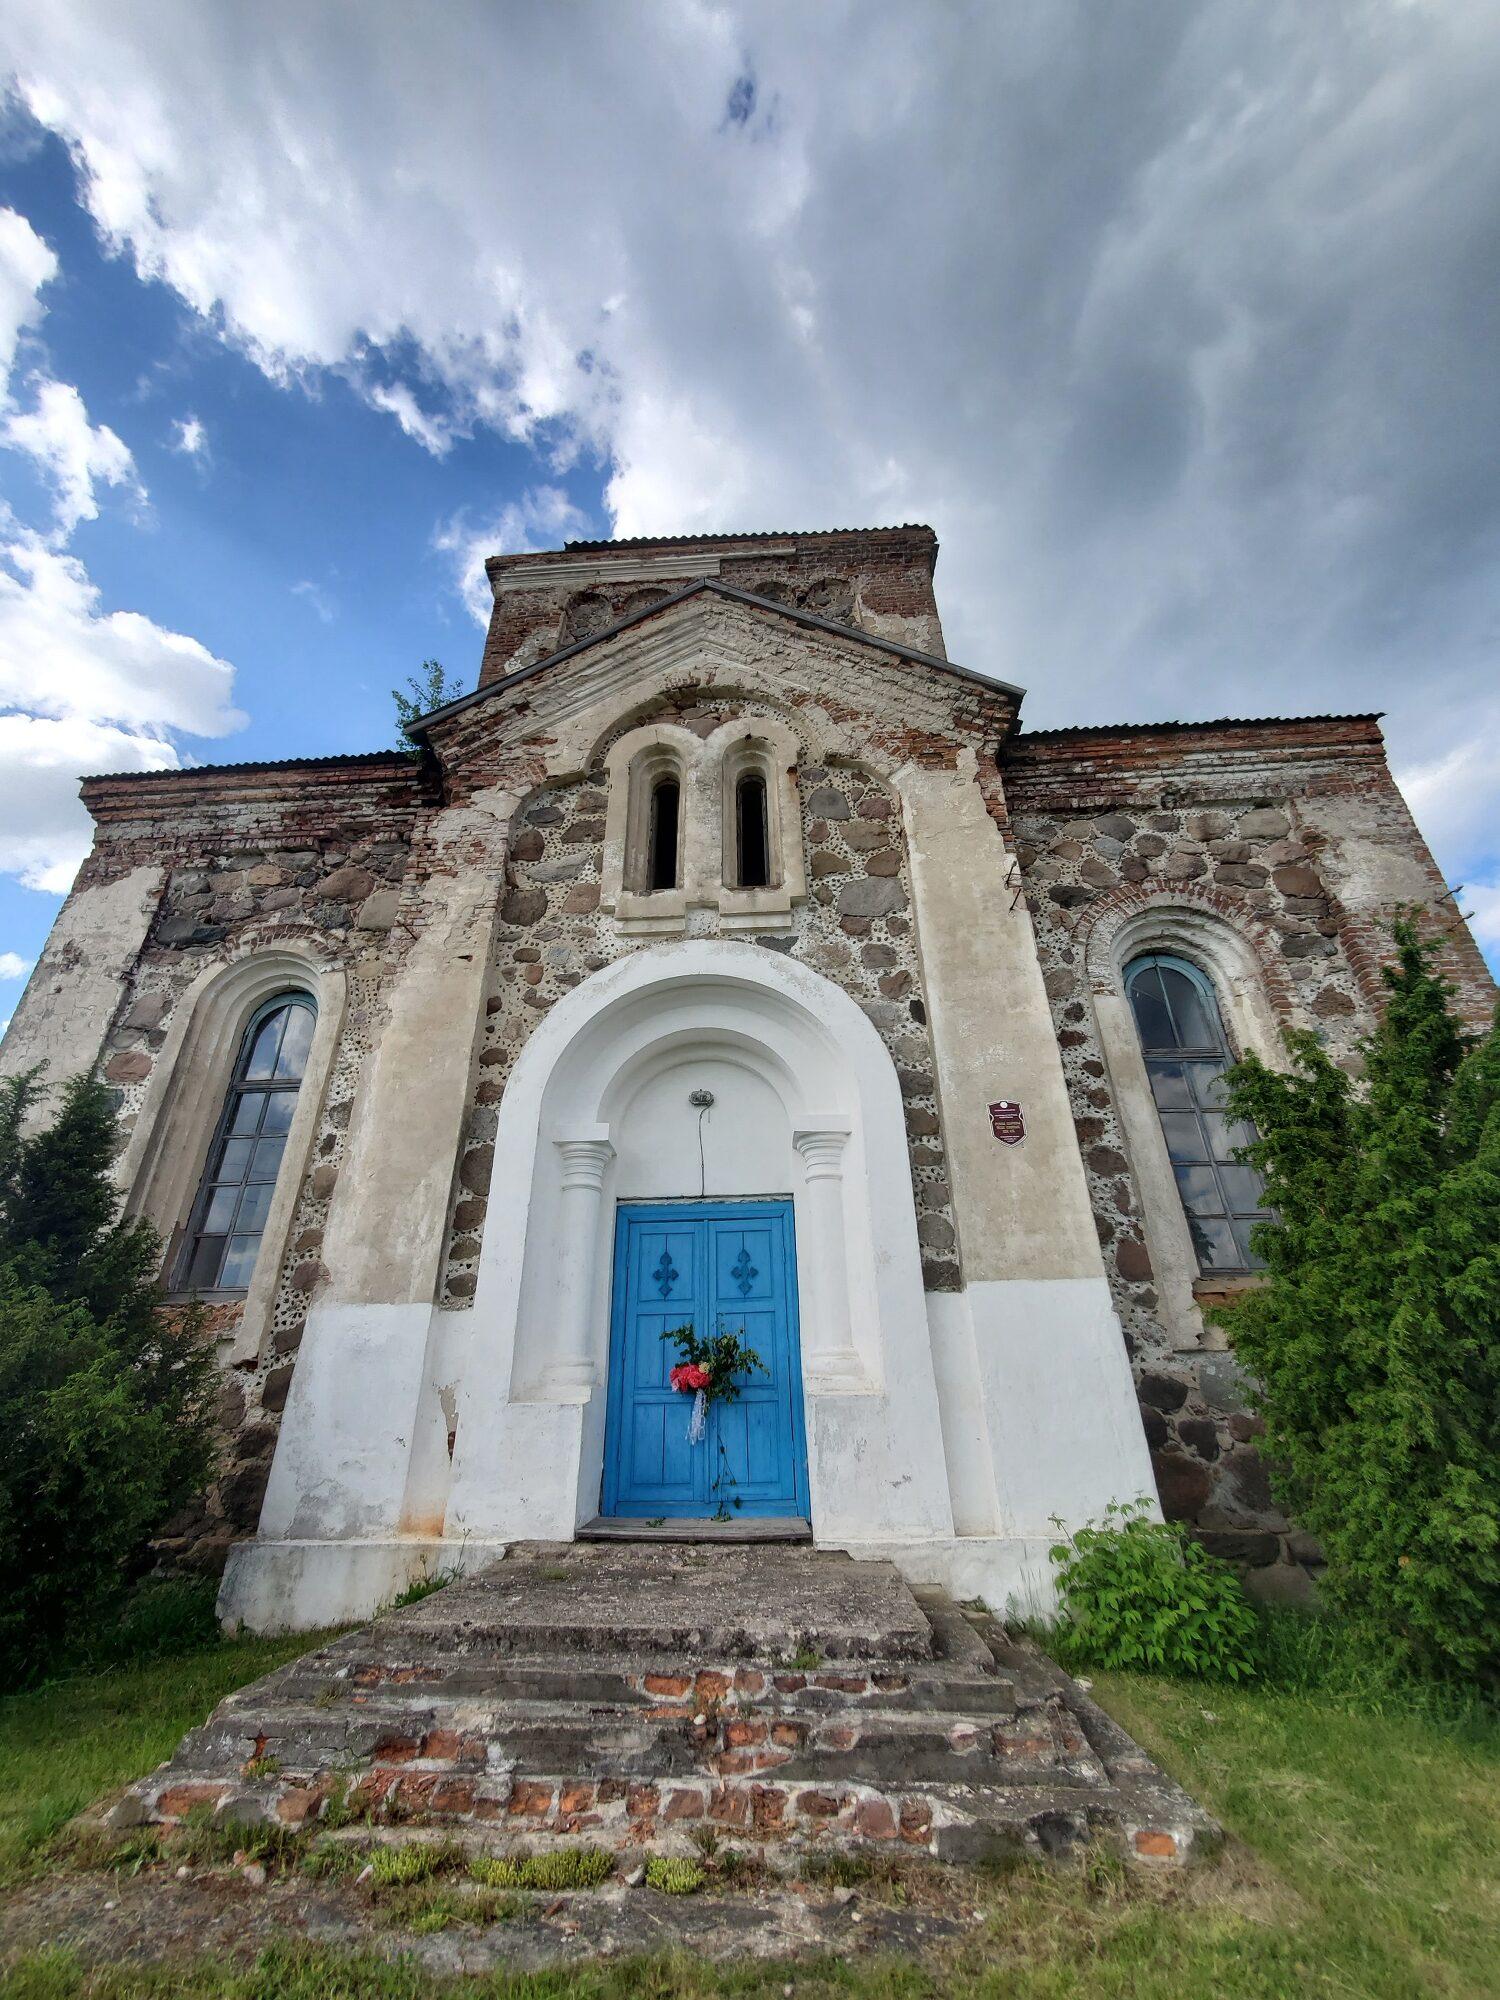 20200606 174250 1 rotated - Церковь Всех Святых в Бегомле